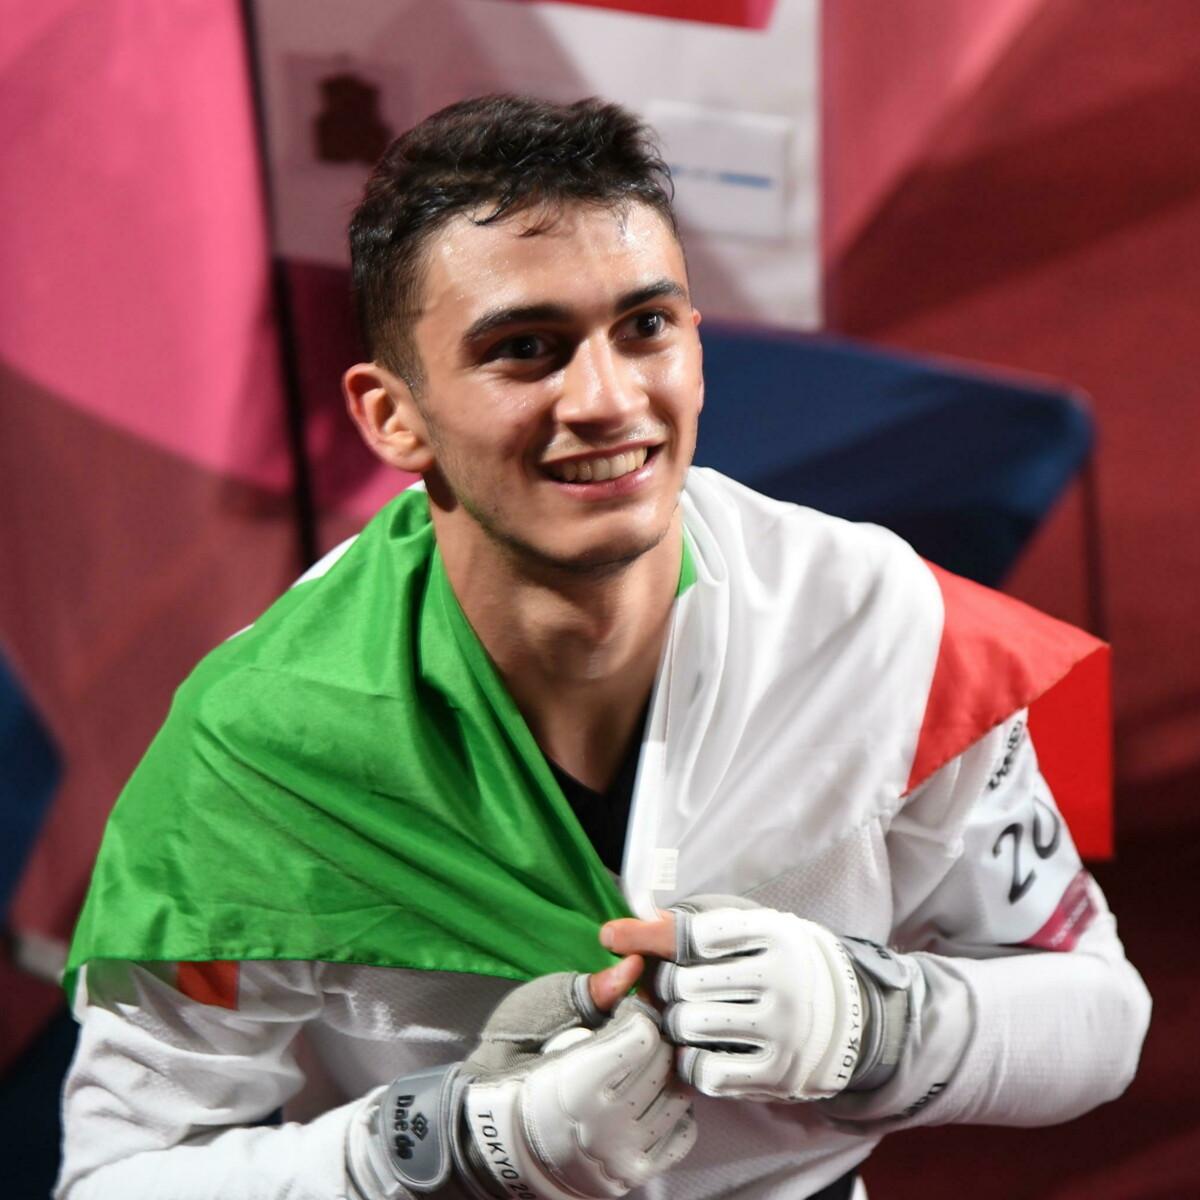 Le prime medaglie italiane alle Olimpiadi